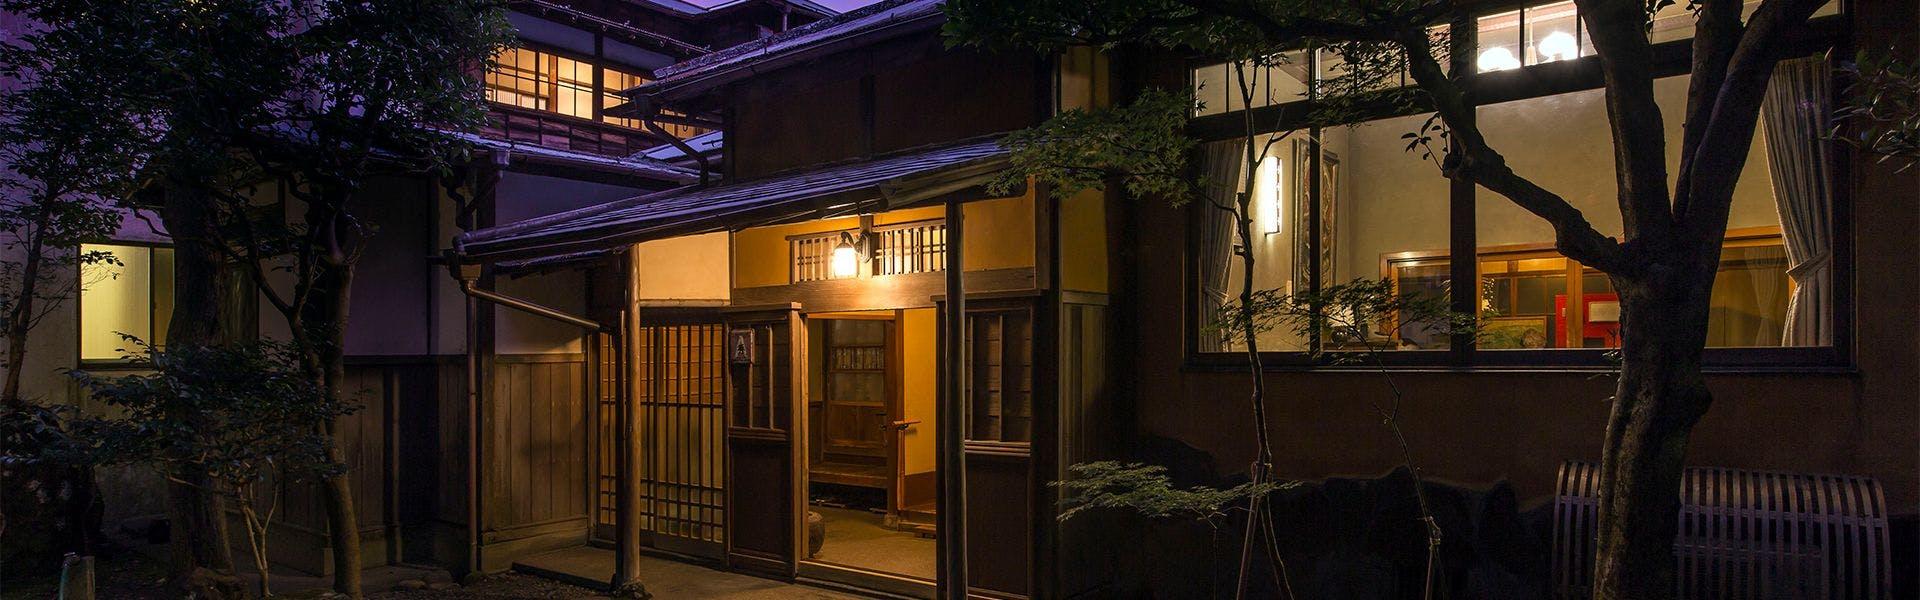 記念日におすすめのホテル・強羅温泉 自家源泉掛け流しの宿 強羅環翠楼の写真3